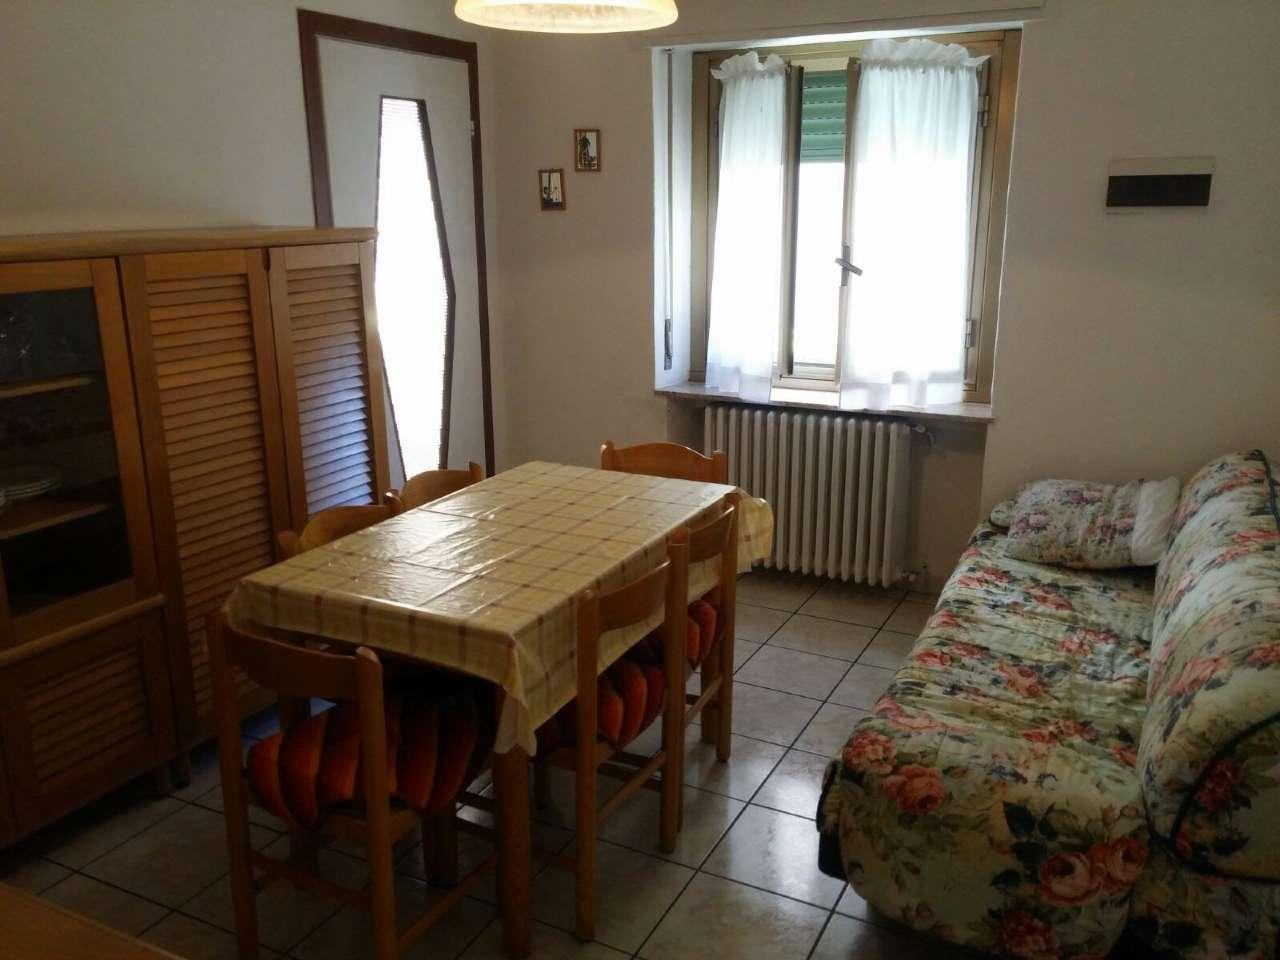 Appartamento in affitto a Senago, 1 locali, prezzo € 400 | CambioCasa.it